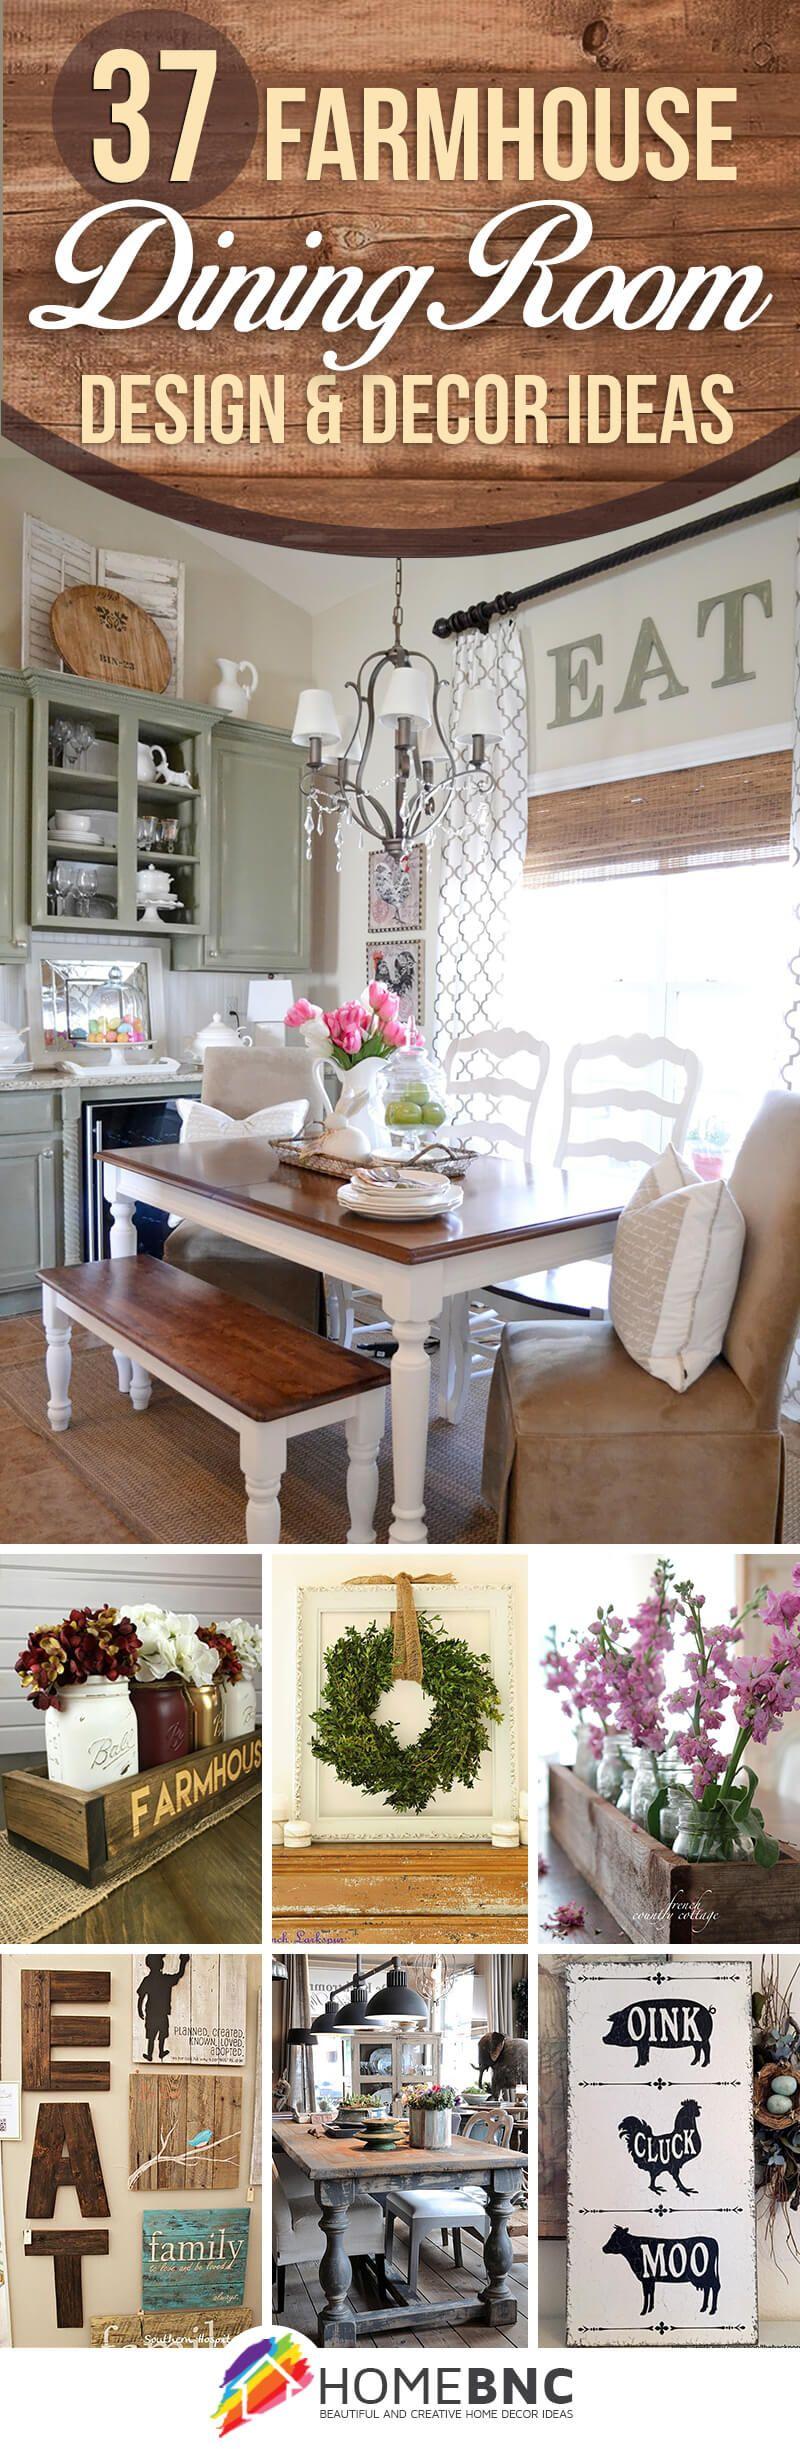 Farmhouse dining room decorations hogar decoraciones for Decoraciones rusticas para el hogar